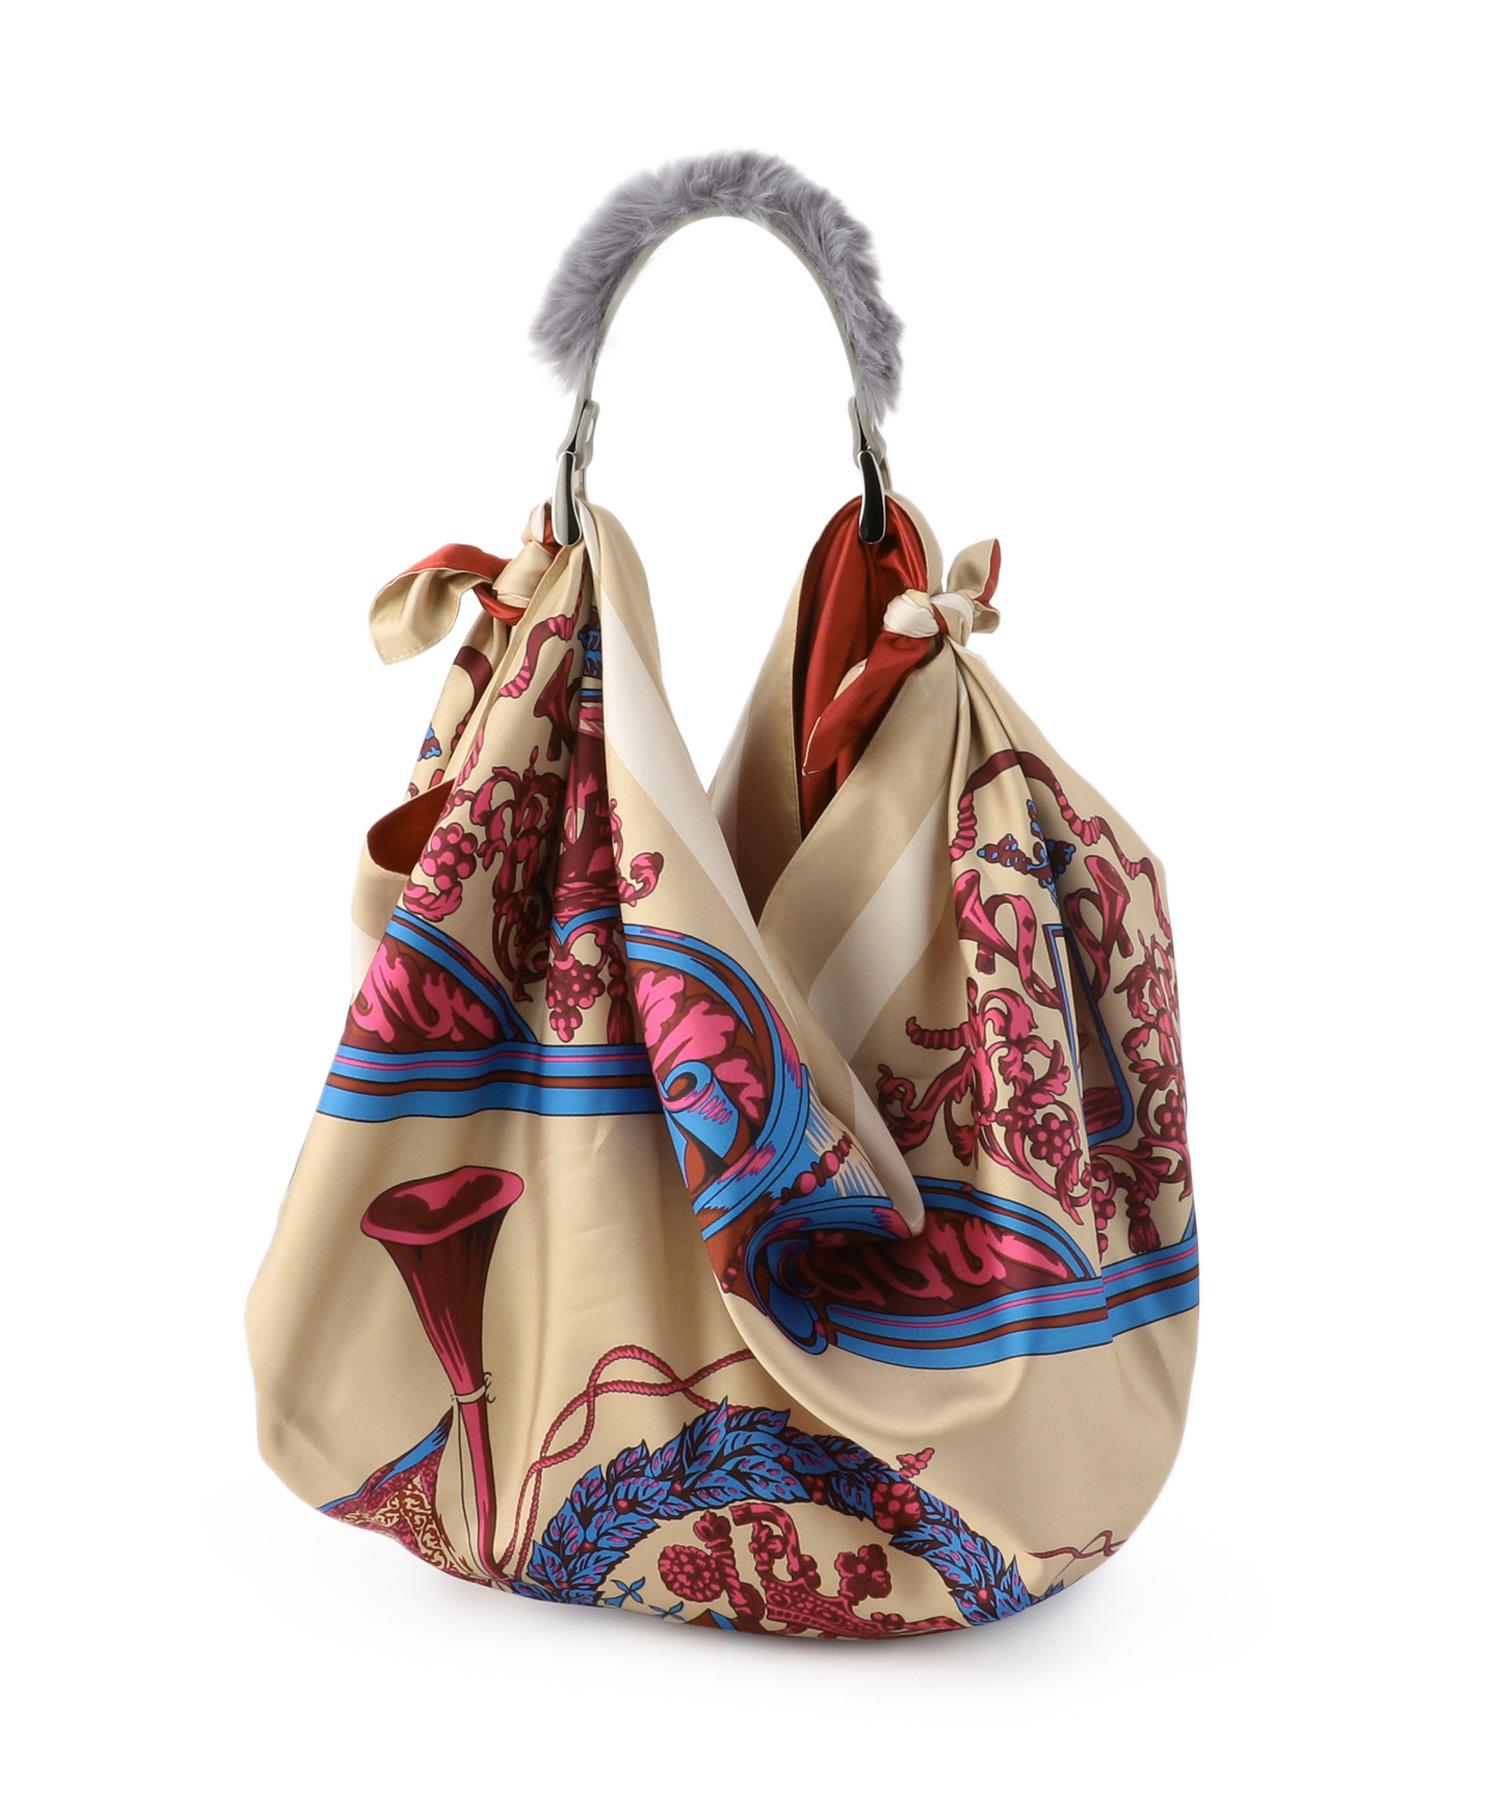 MANIPURI スカーフバッグ